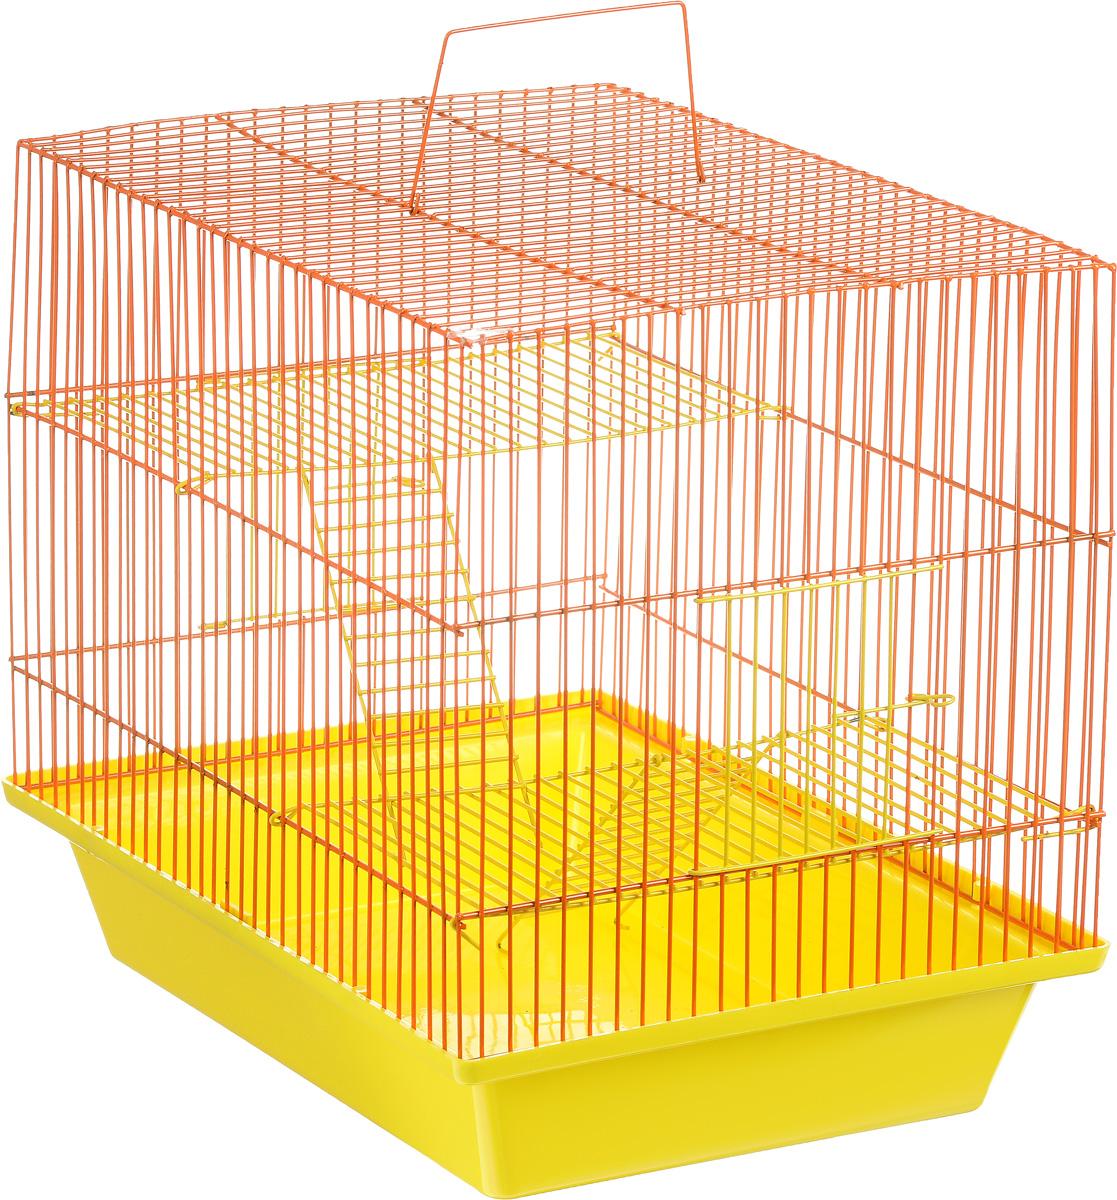 Клетка для грызунов ЗооМарк Гризли, 3-этажная, цвет: желтый поддон, оранжевая решетка, желтые этажи, 41 х 30 х 36 см. 230ж230ж_оранжевый, желтыйКлетка ЗооМарк Гризли, выполненная из полипропилена и металла, подходит для мелких грызунов. Изделие трехэтажное. Клетка имеет яркий поддон, удобна в использовании и легко чистится. Сверху имеется ручка для переноски. Такая клетка станет уединенным личным пространством и уютным домиком для маленького грызуна.